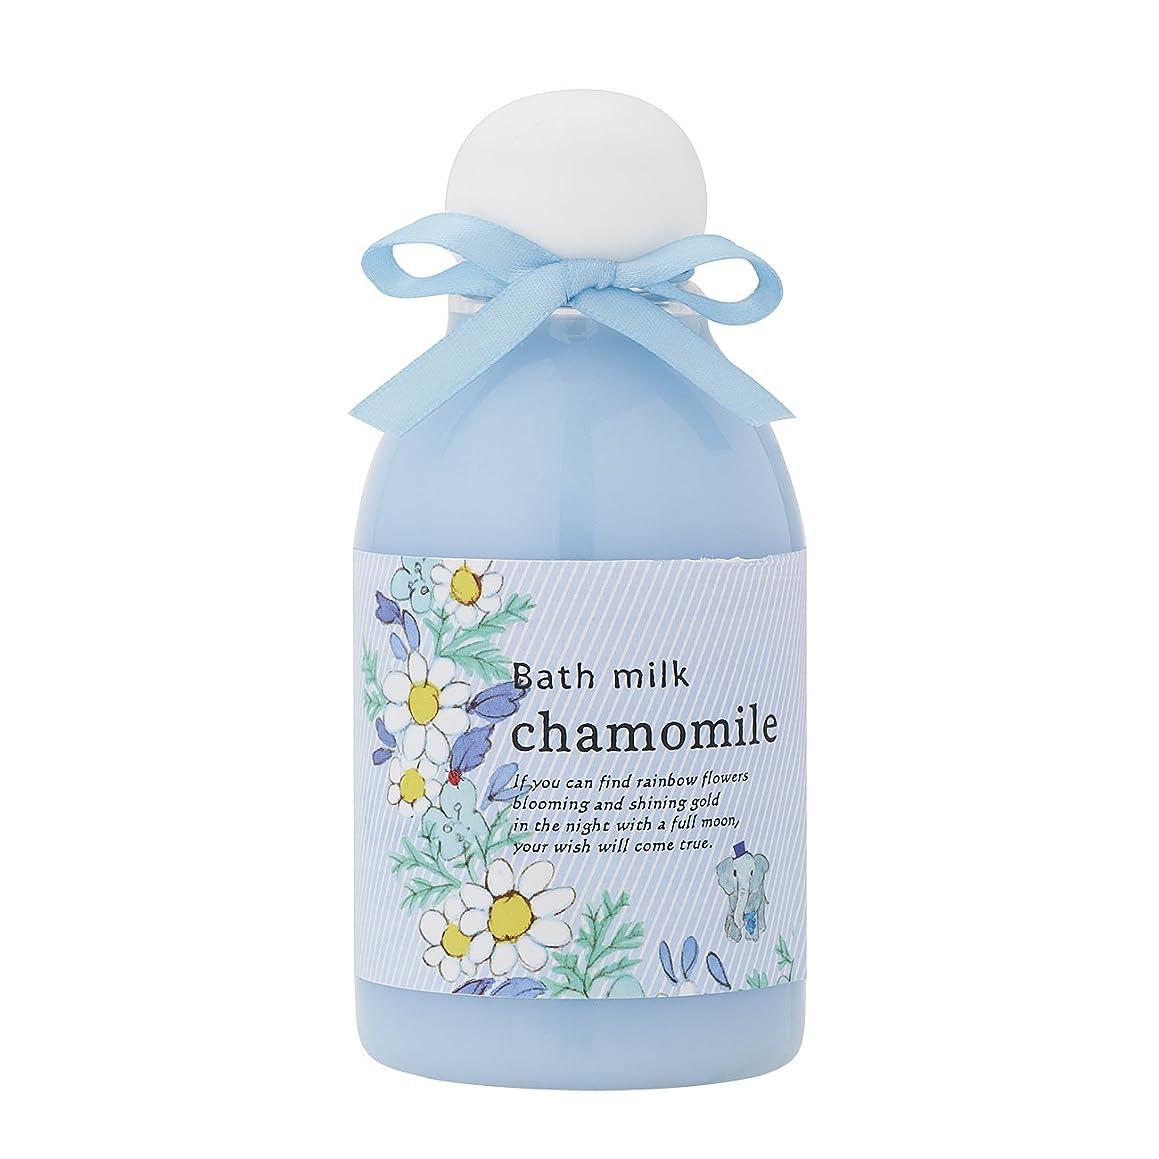 ジュース極めて重要な痛みサンハーブ バスミルク カモマイル 200ml(バブルバスタイプ入浴料 泡風呂 やさしく穏やかな甘い香り)